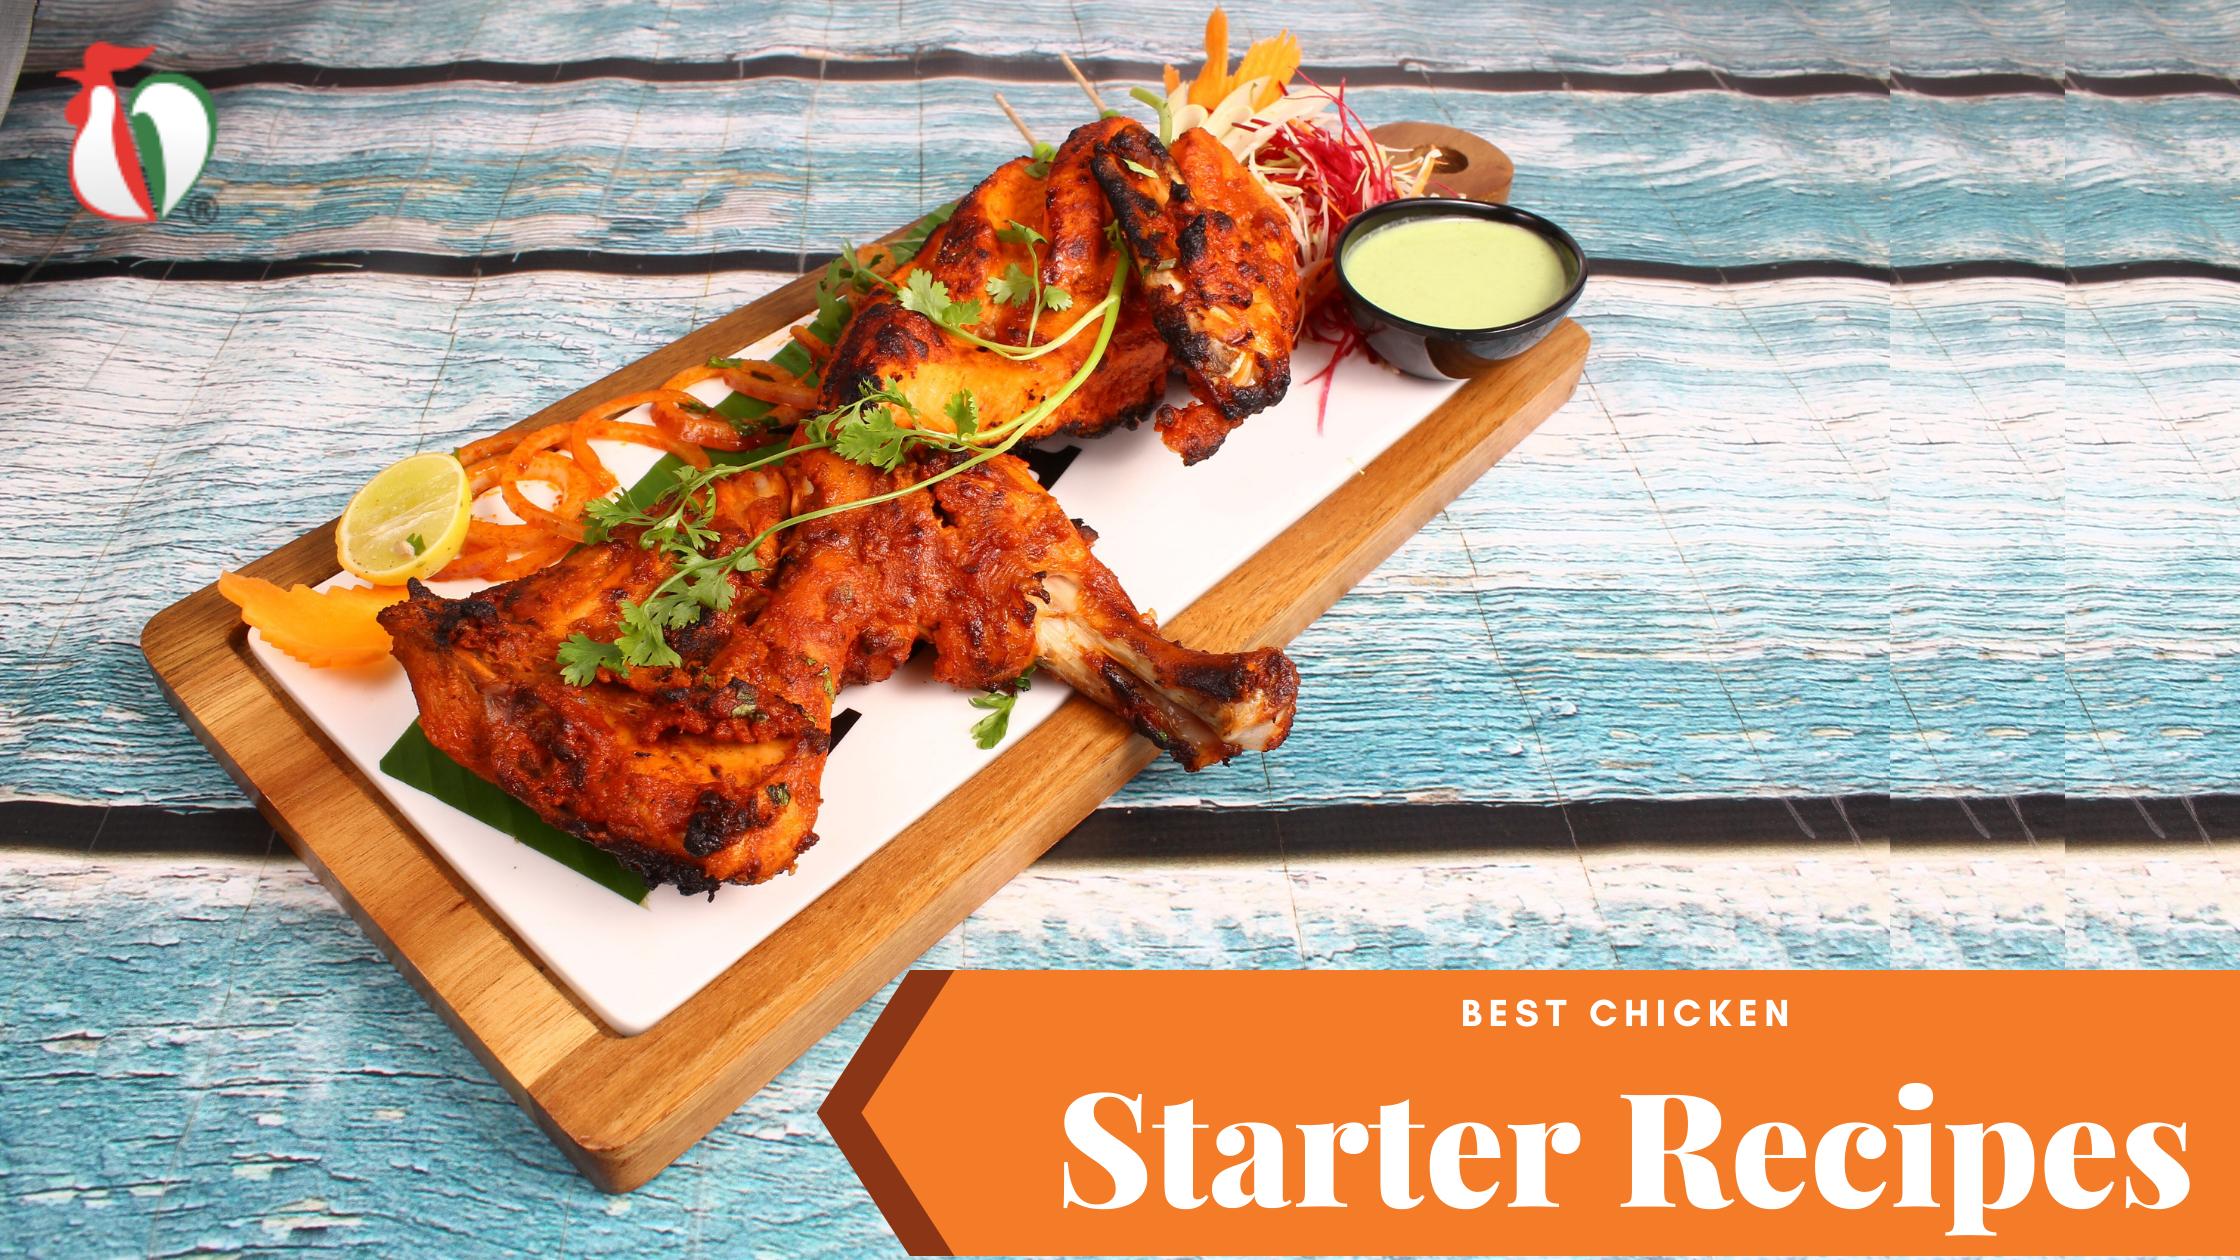 Best Chicken Starter Recipes